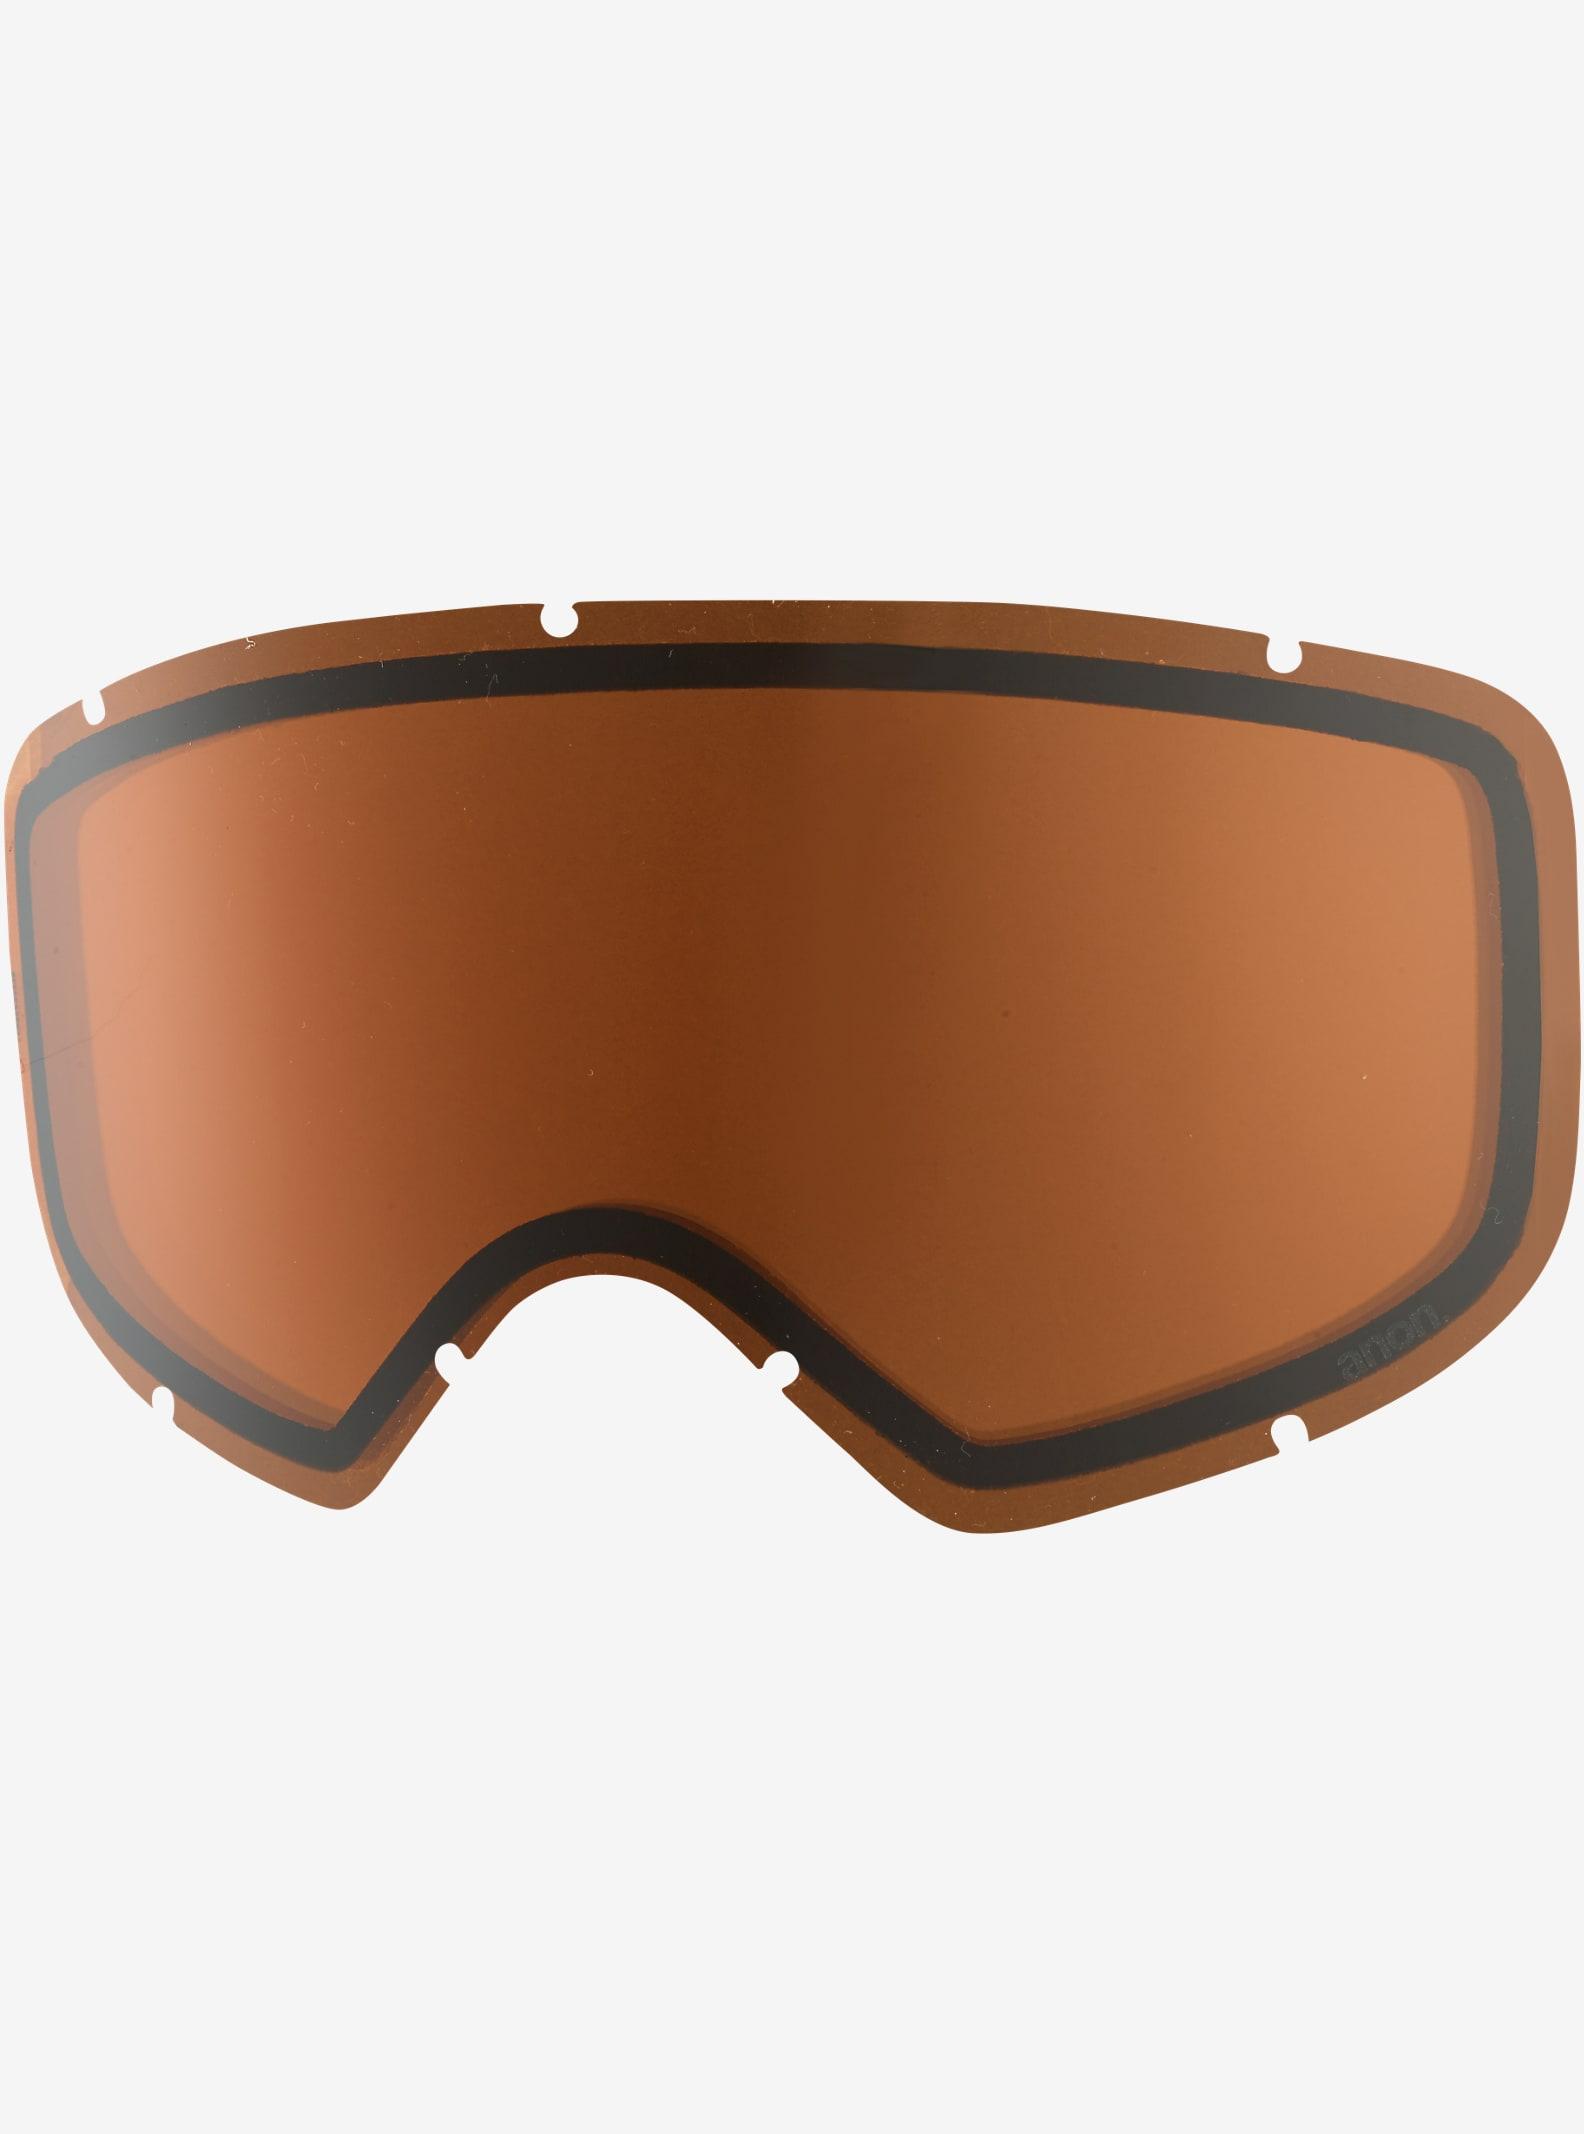 anon. Deringer Goggle Lens shown in Amber (55% VLT)